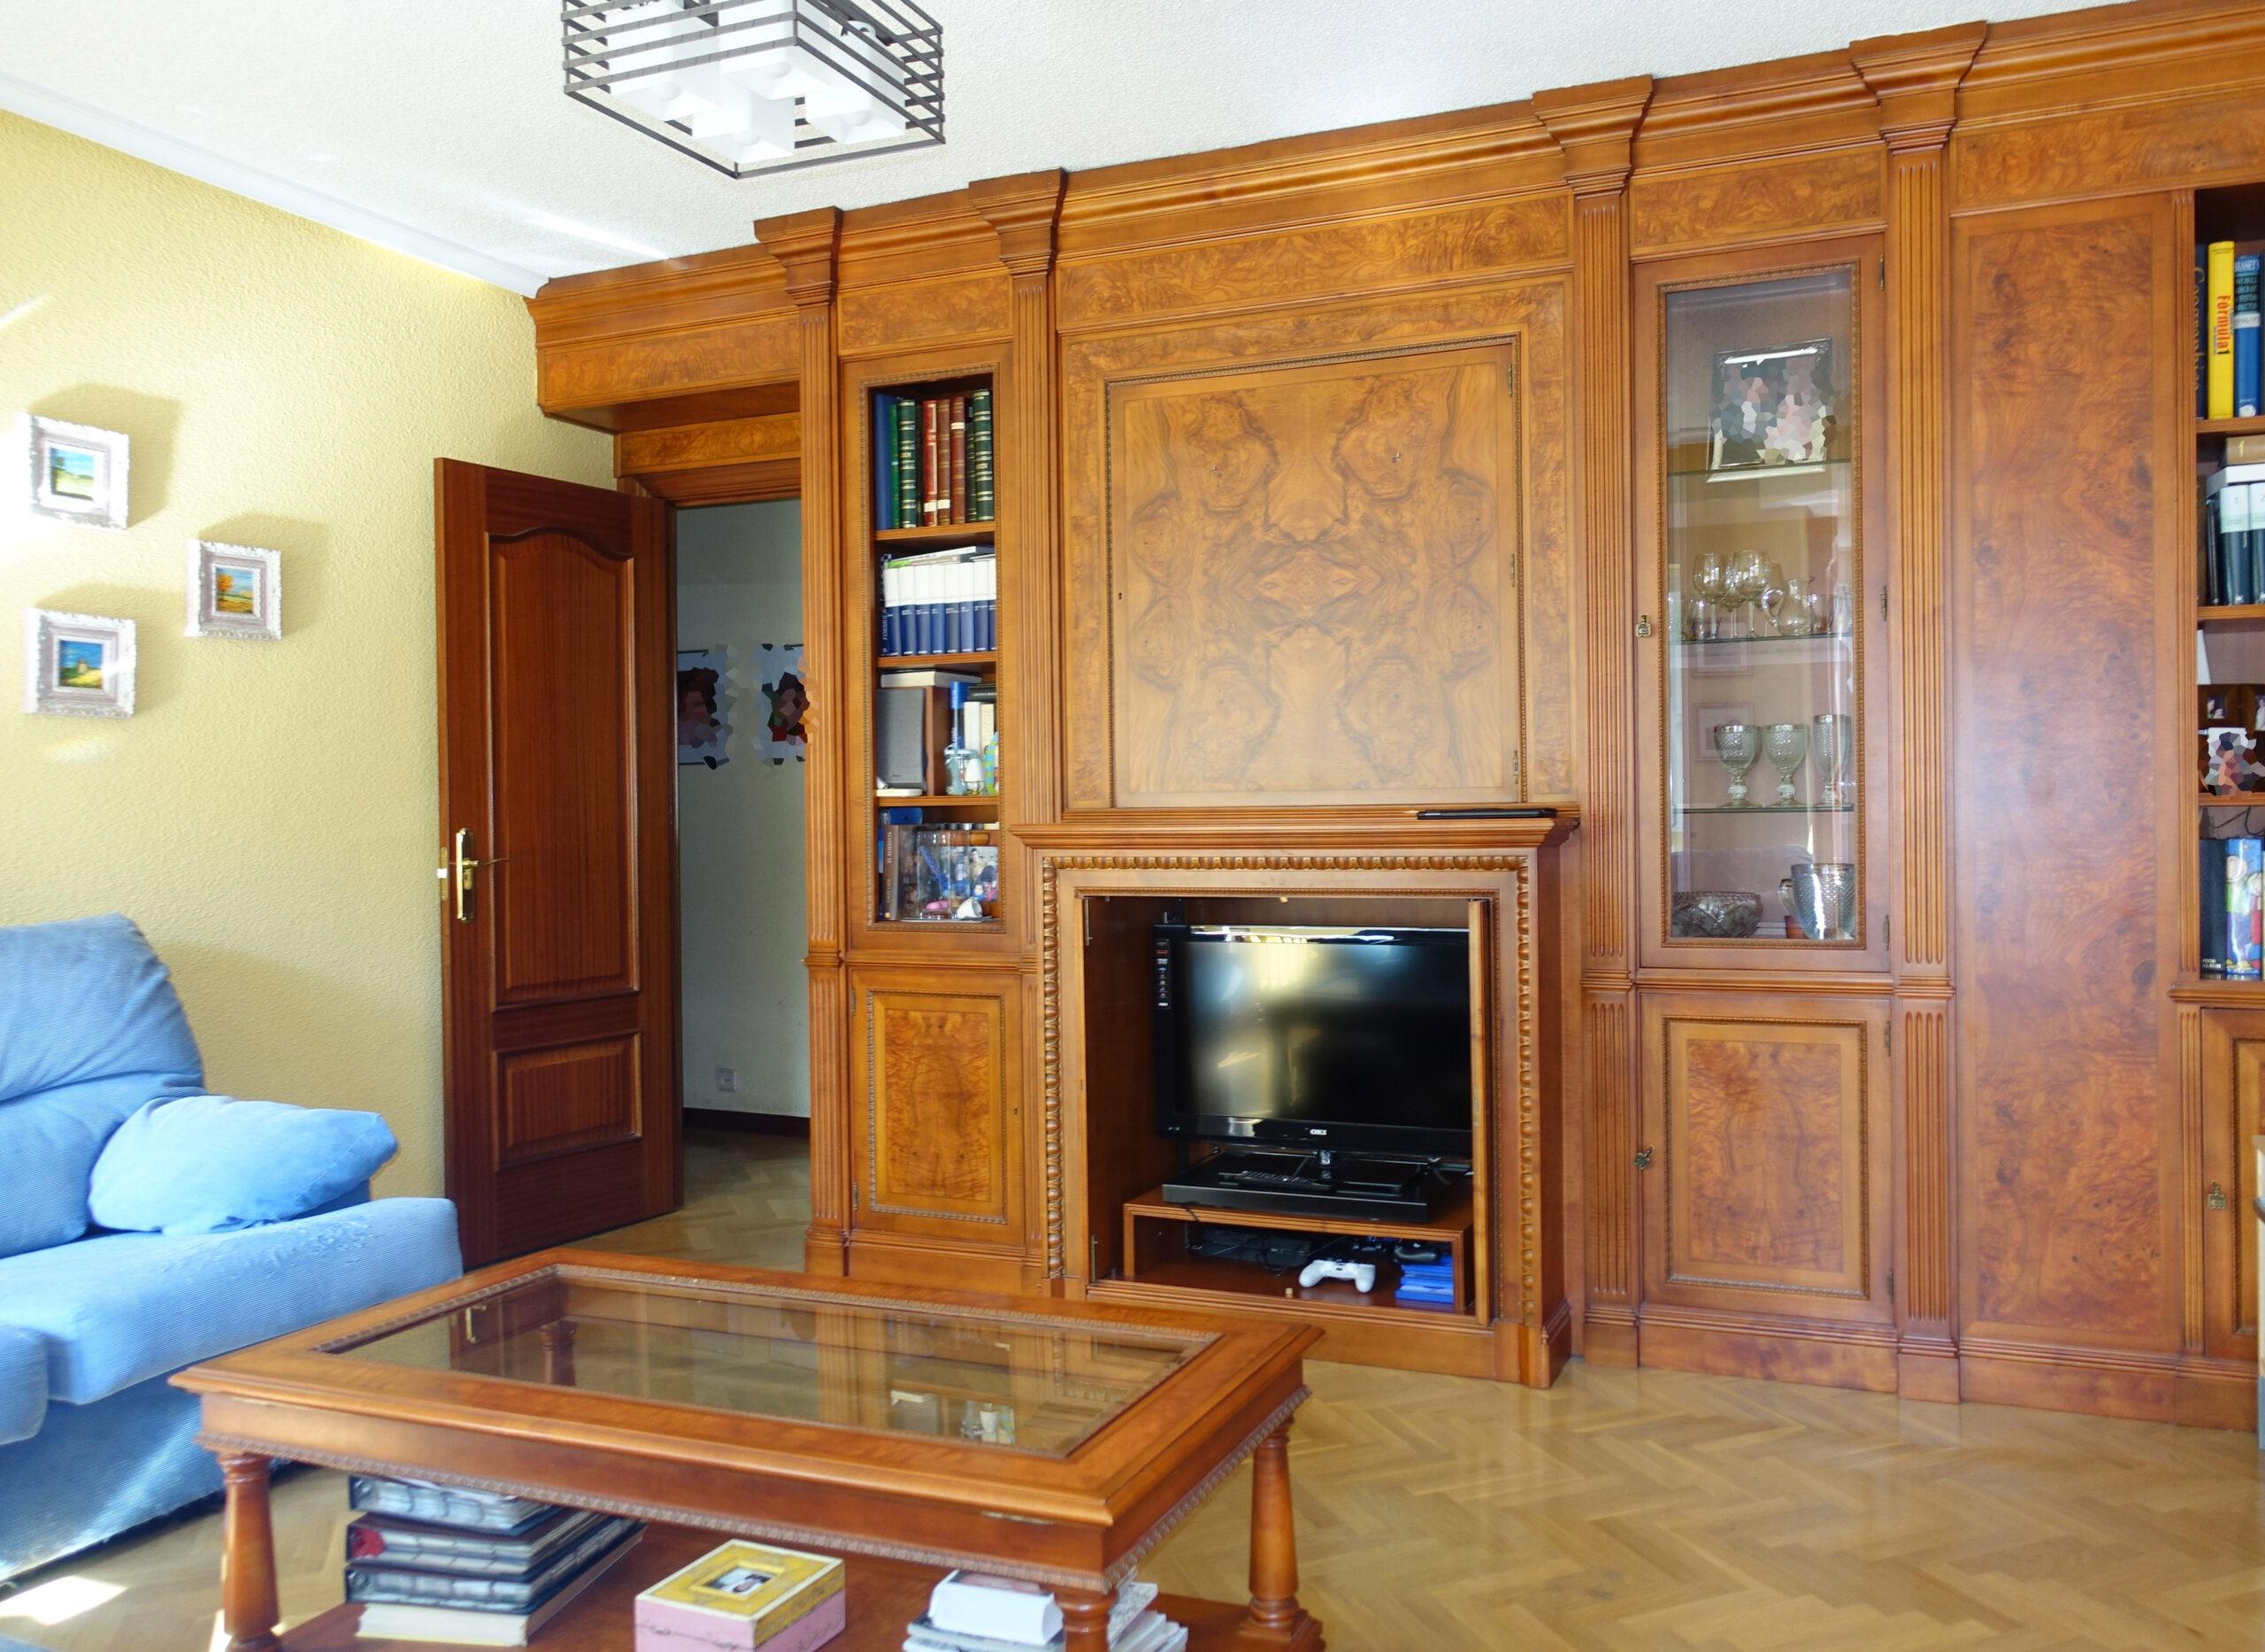 Venta de piso barrio de la estrella Retiro, con garaje directo y trastero. 3 dormitorios. Gran cocina